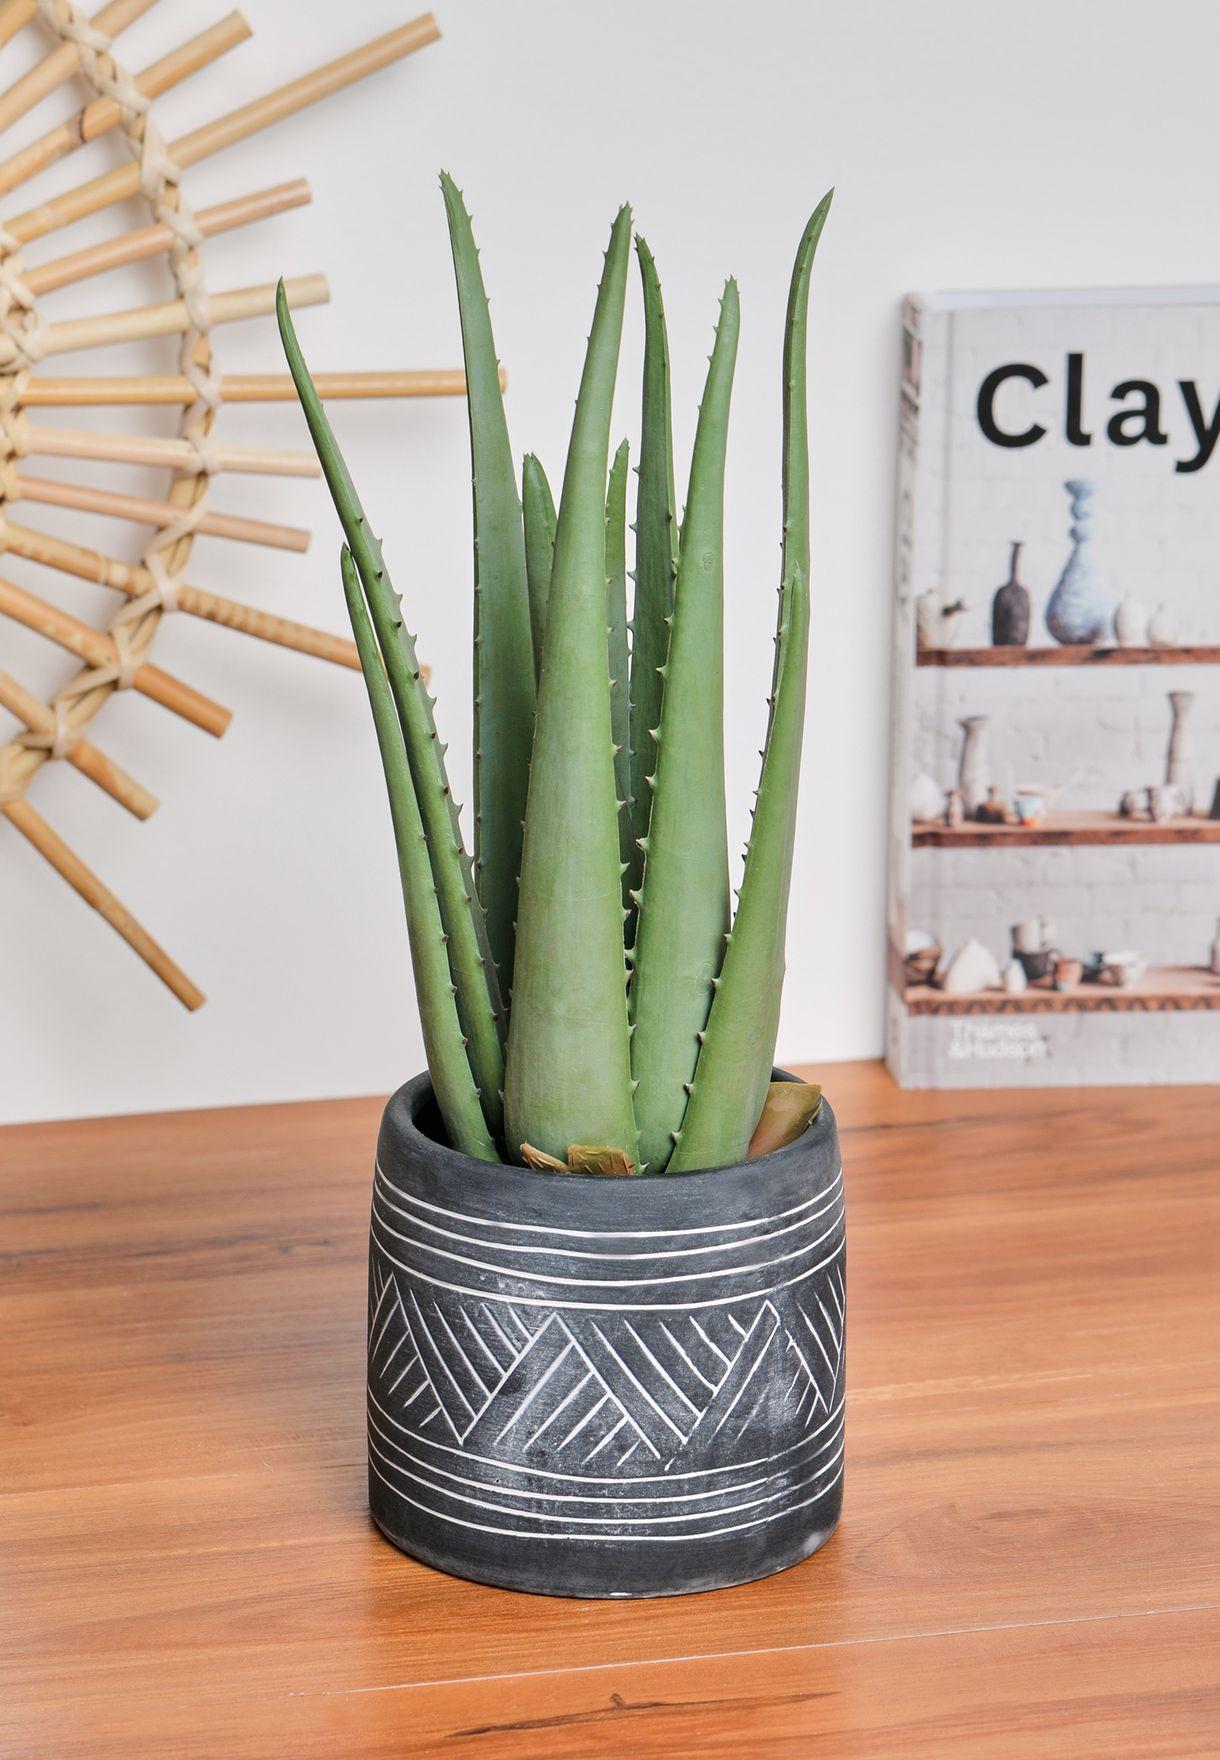 Fiori Faux Aloe Vera with Cement Pot